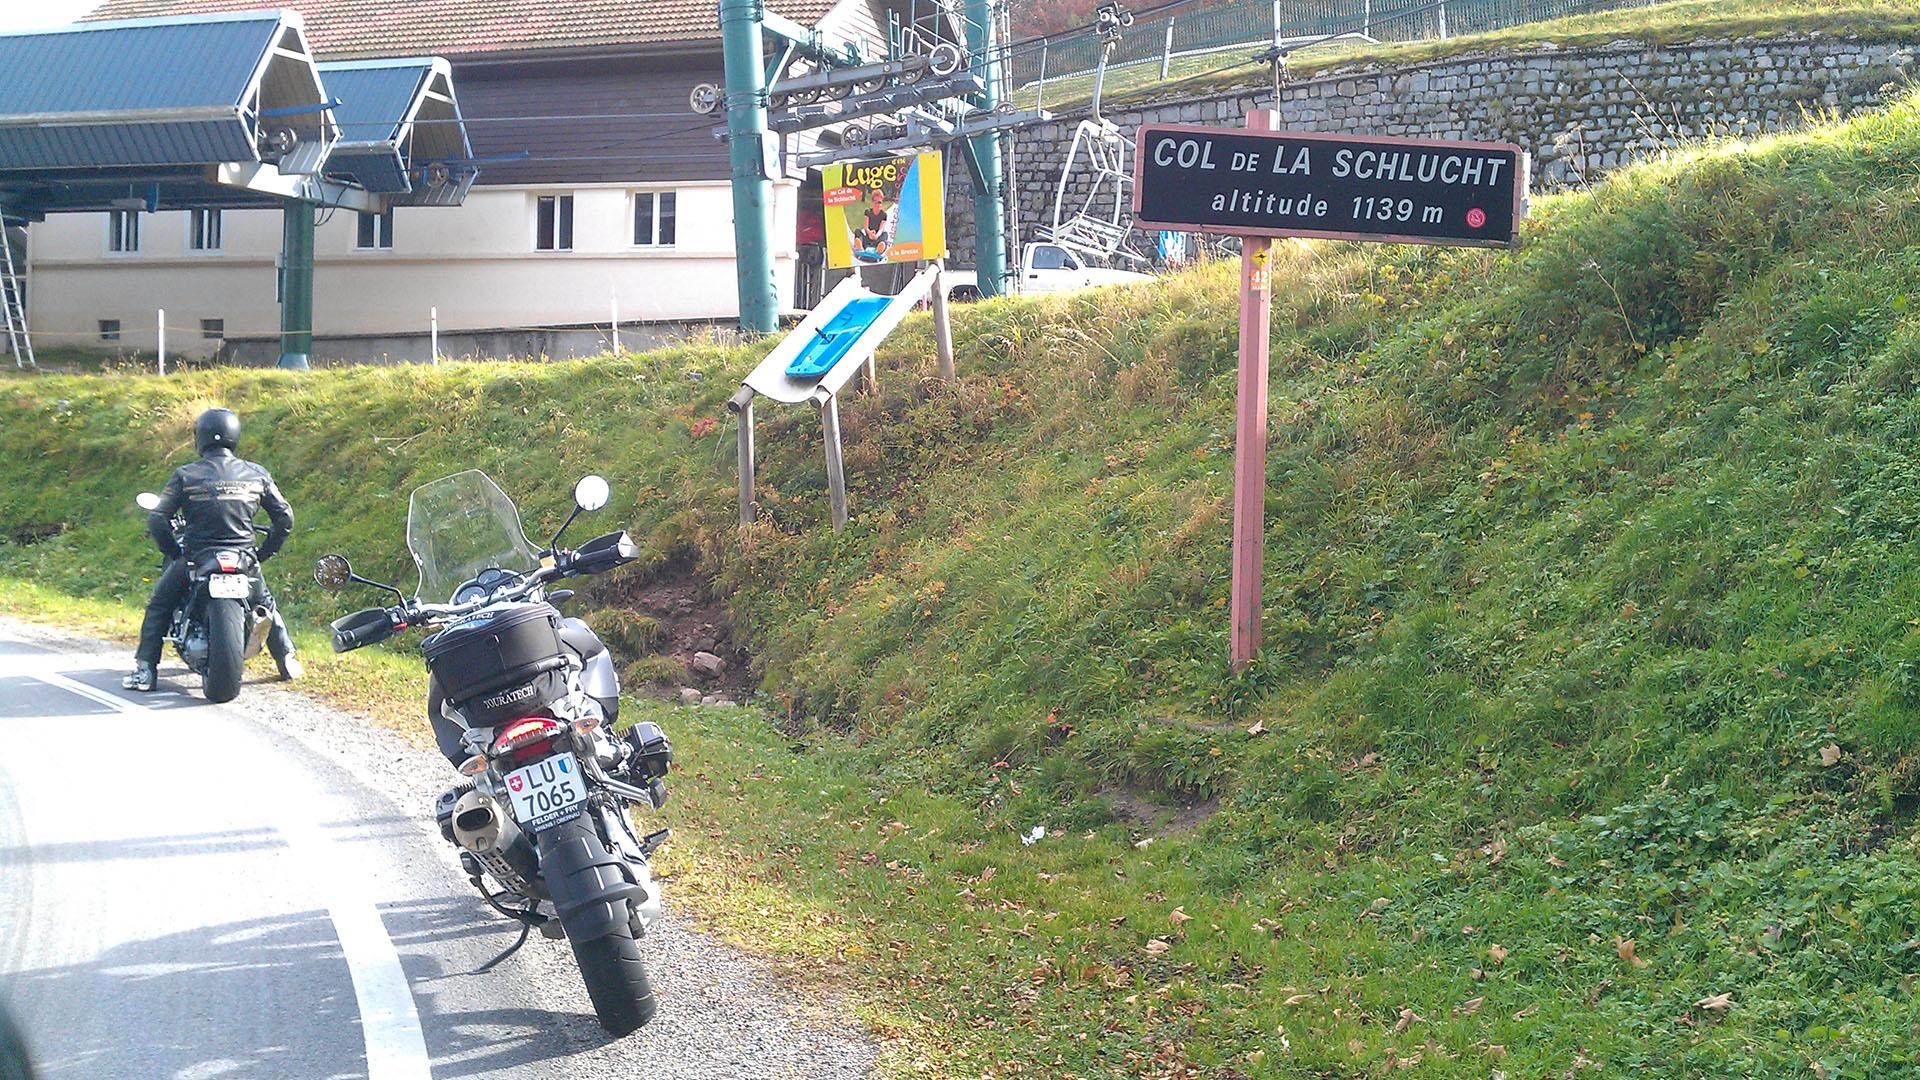 1139 - F - Col de la Schlucht